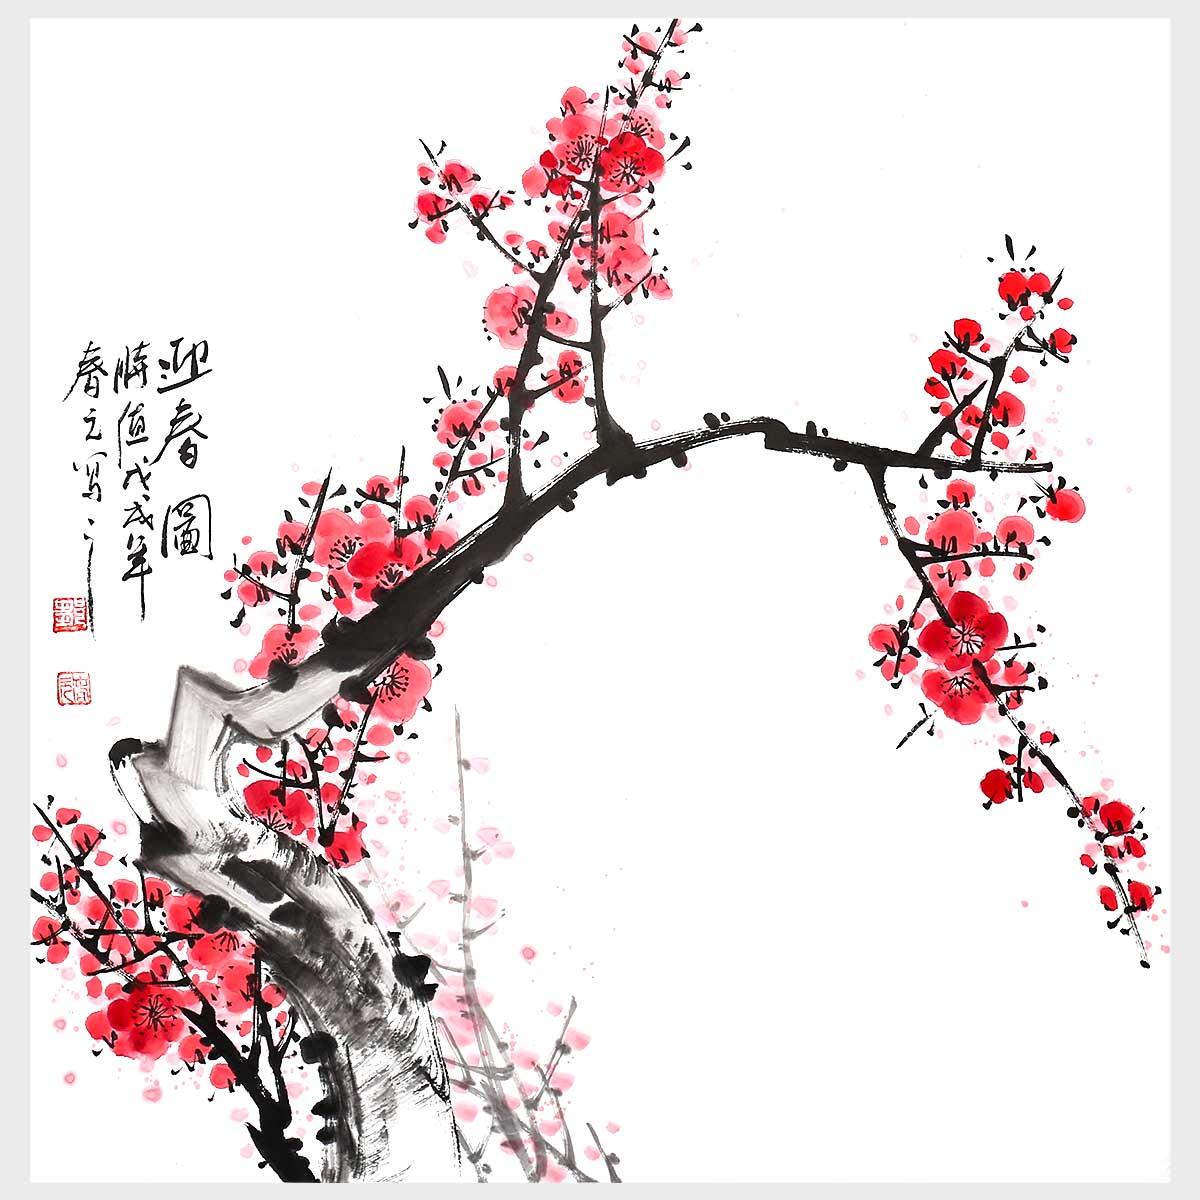 Traditionelle Chinesische Kunst Fruhling Moderne Wohnkultur Chinesische Tuschmalerei Wandkunst Hangende Kunst